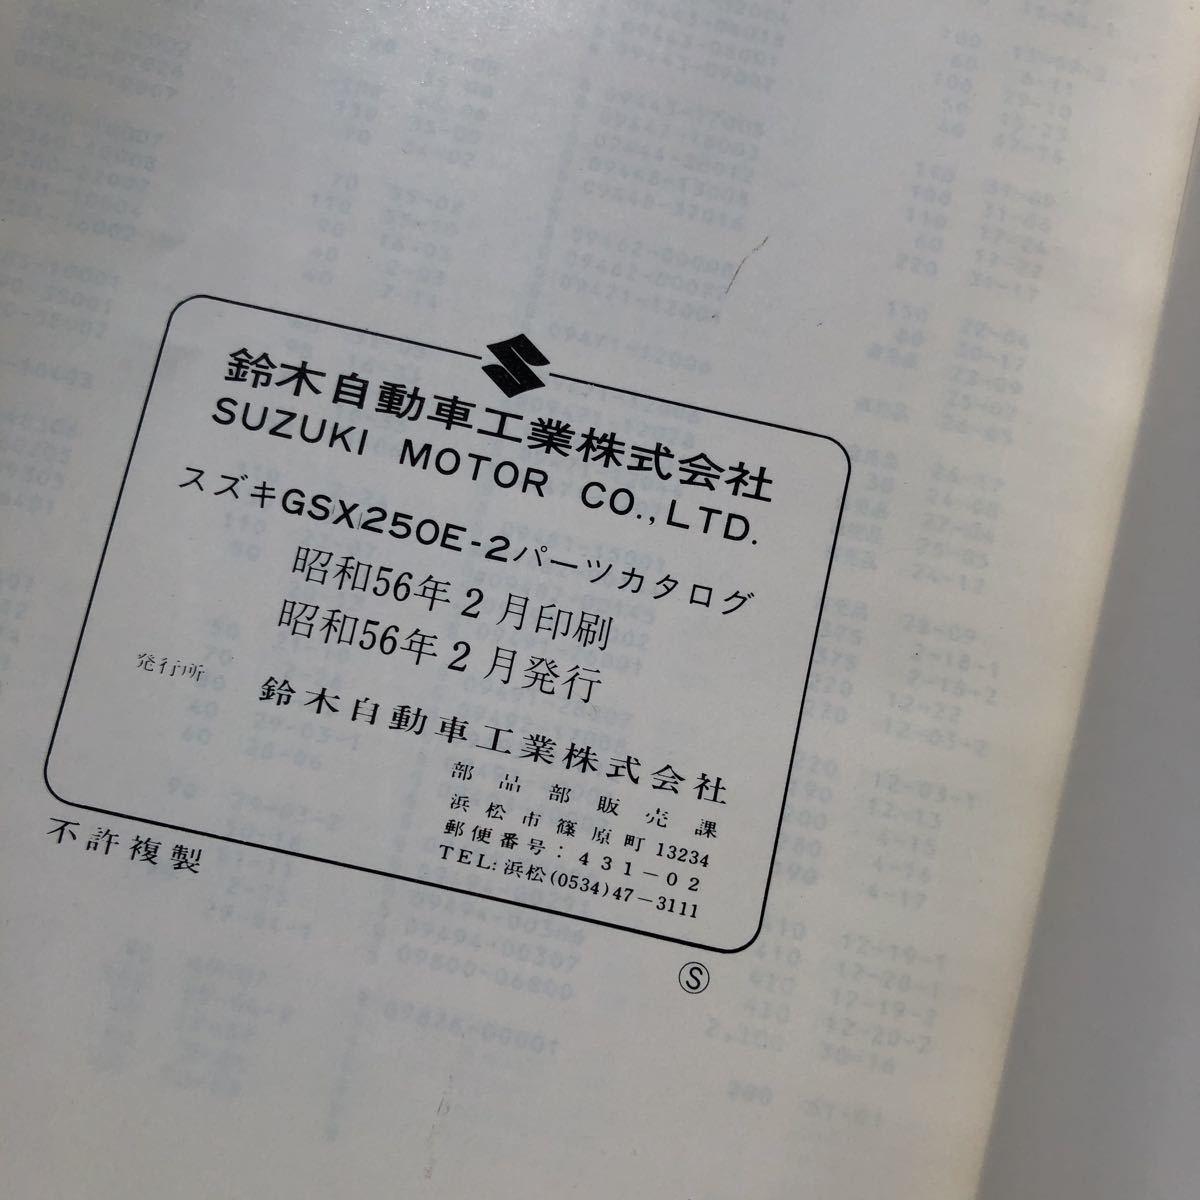 スズキ SUZUKI 当時物 パーツカタログ GSX250E-2 旧車 昭和56年_画像3